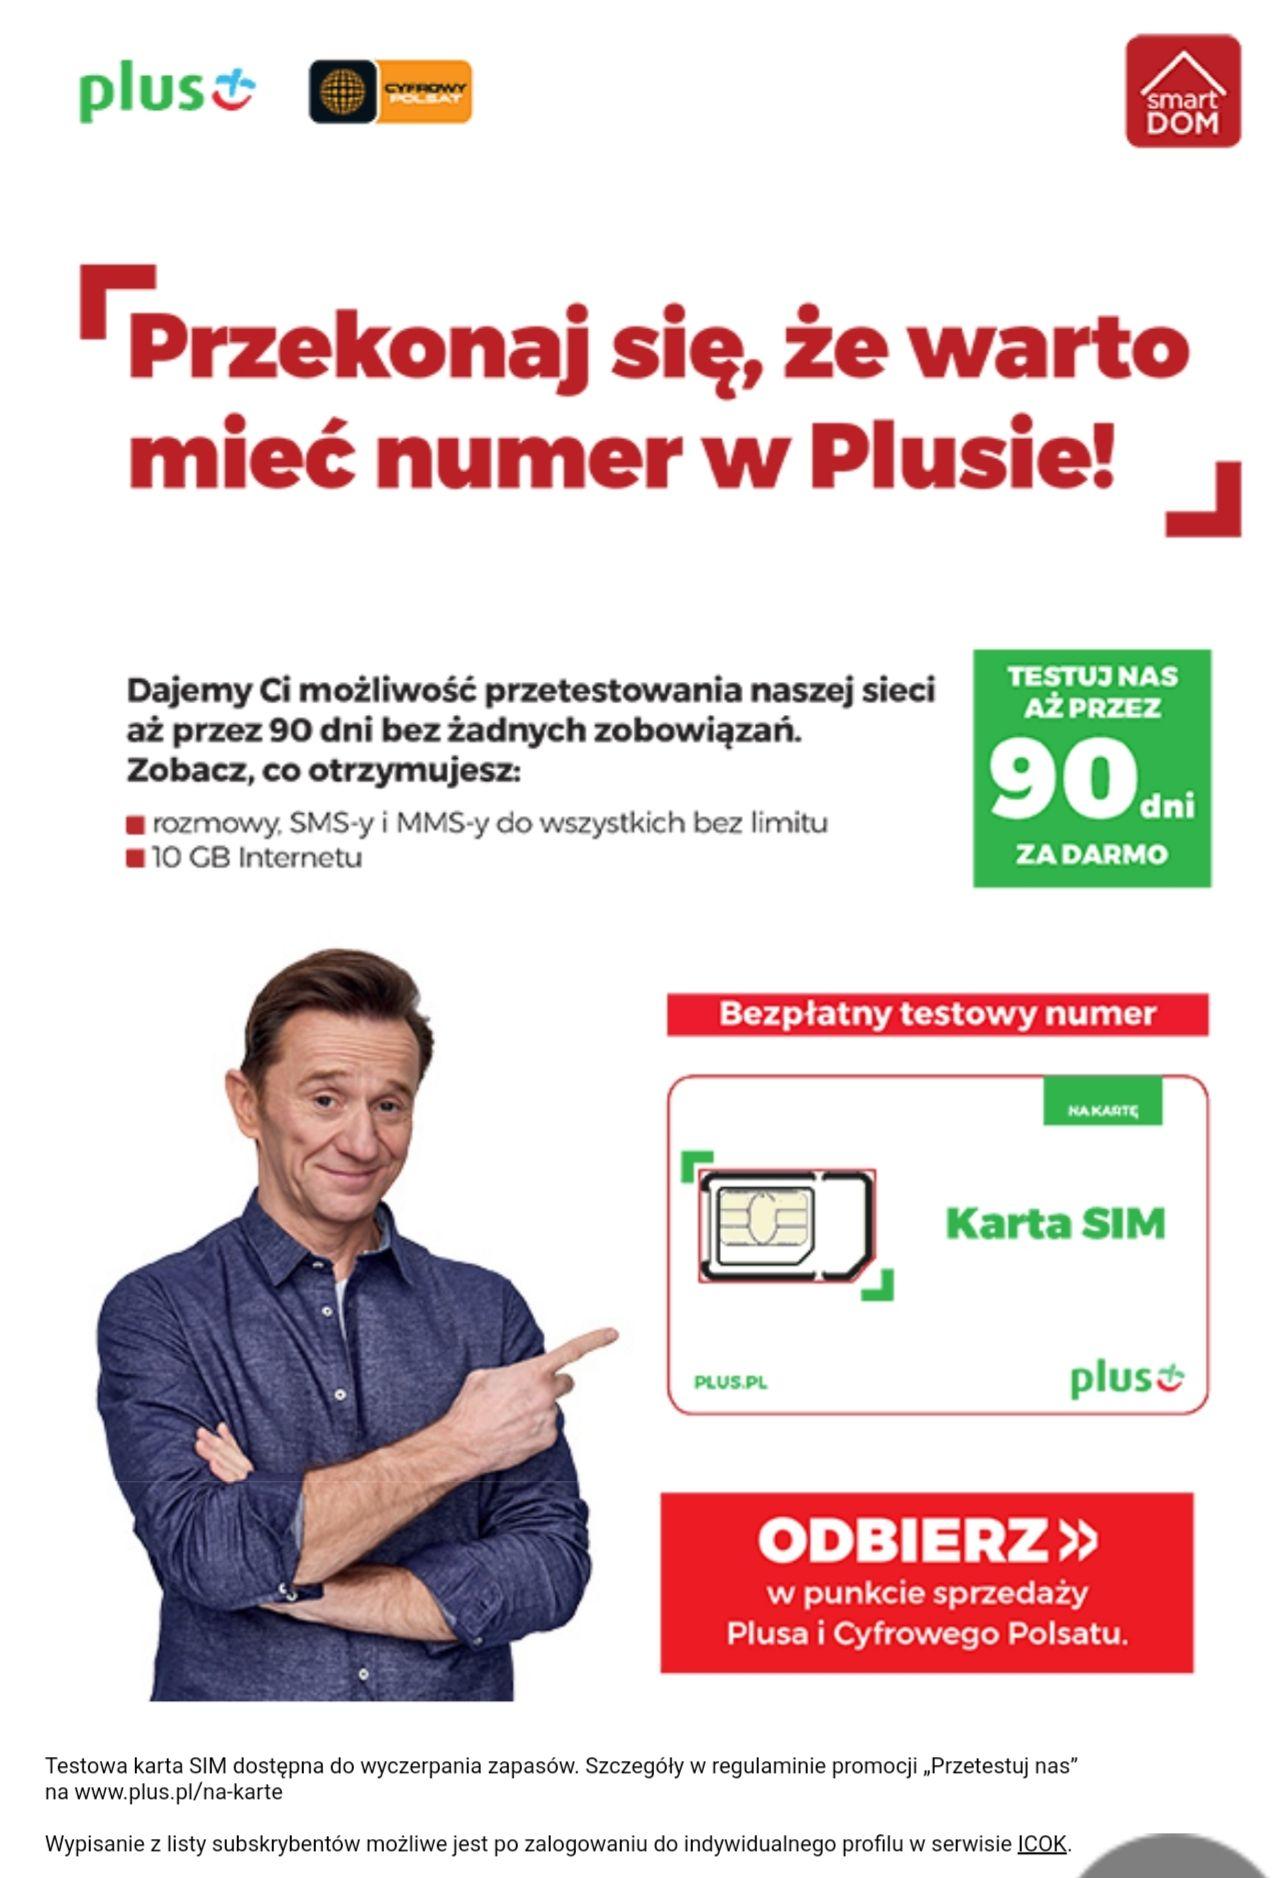 Plus - Bezpłatny numer na 90dni